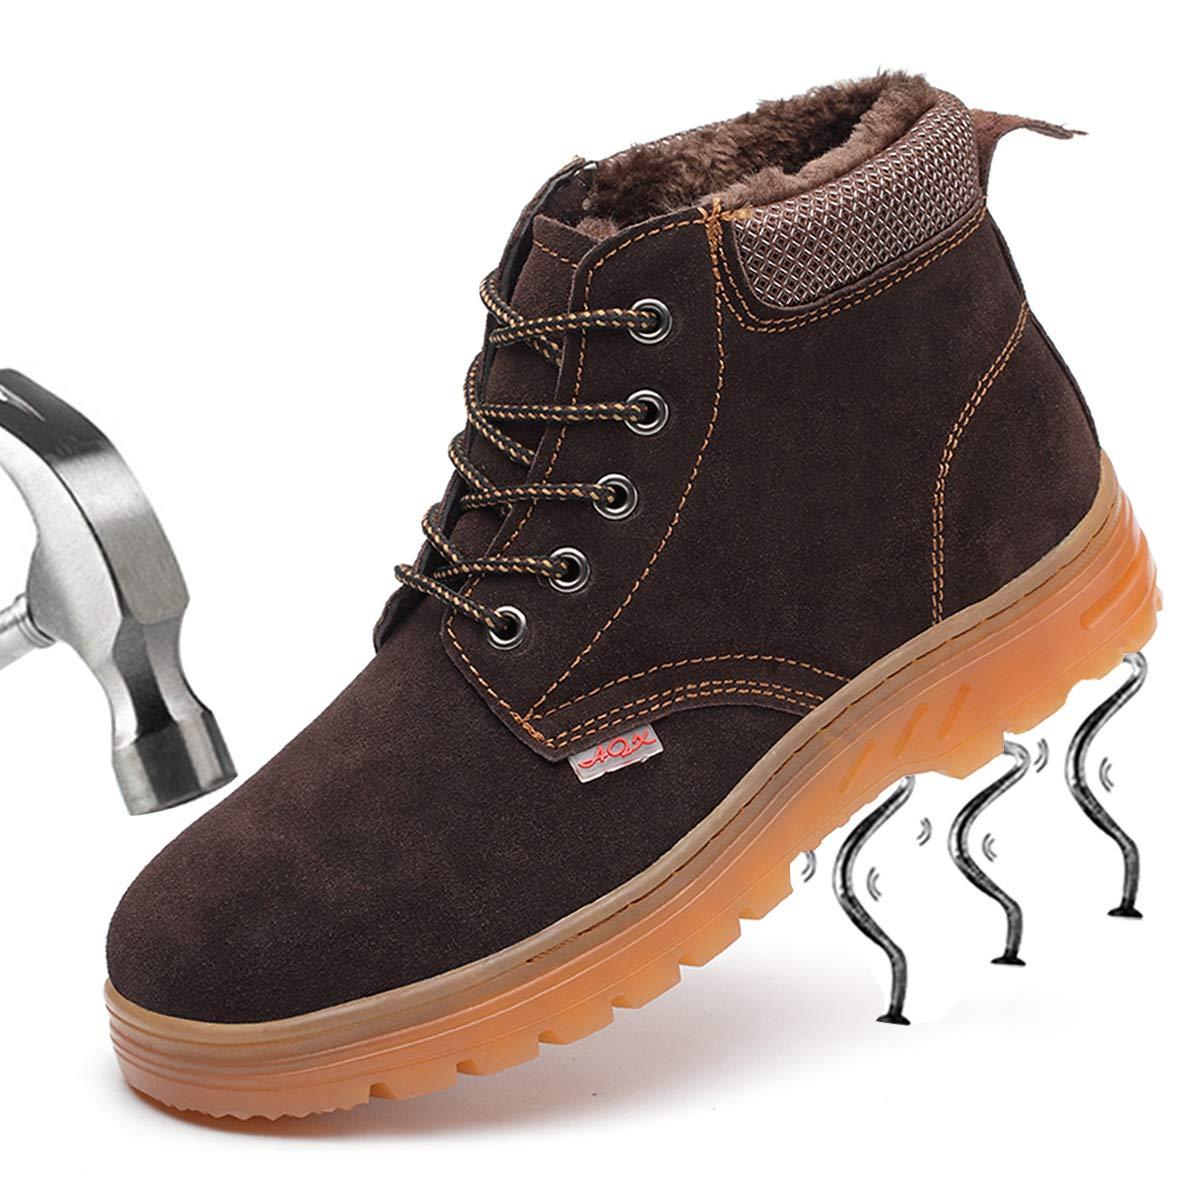 SUADEEX Homme Femme Chaussure de Travail Bottes Impermeable Chaussure de Sécurité Embout en Acier Antidérapante Baskets Chaussures de Randonnée Unisexes